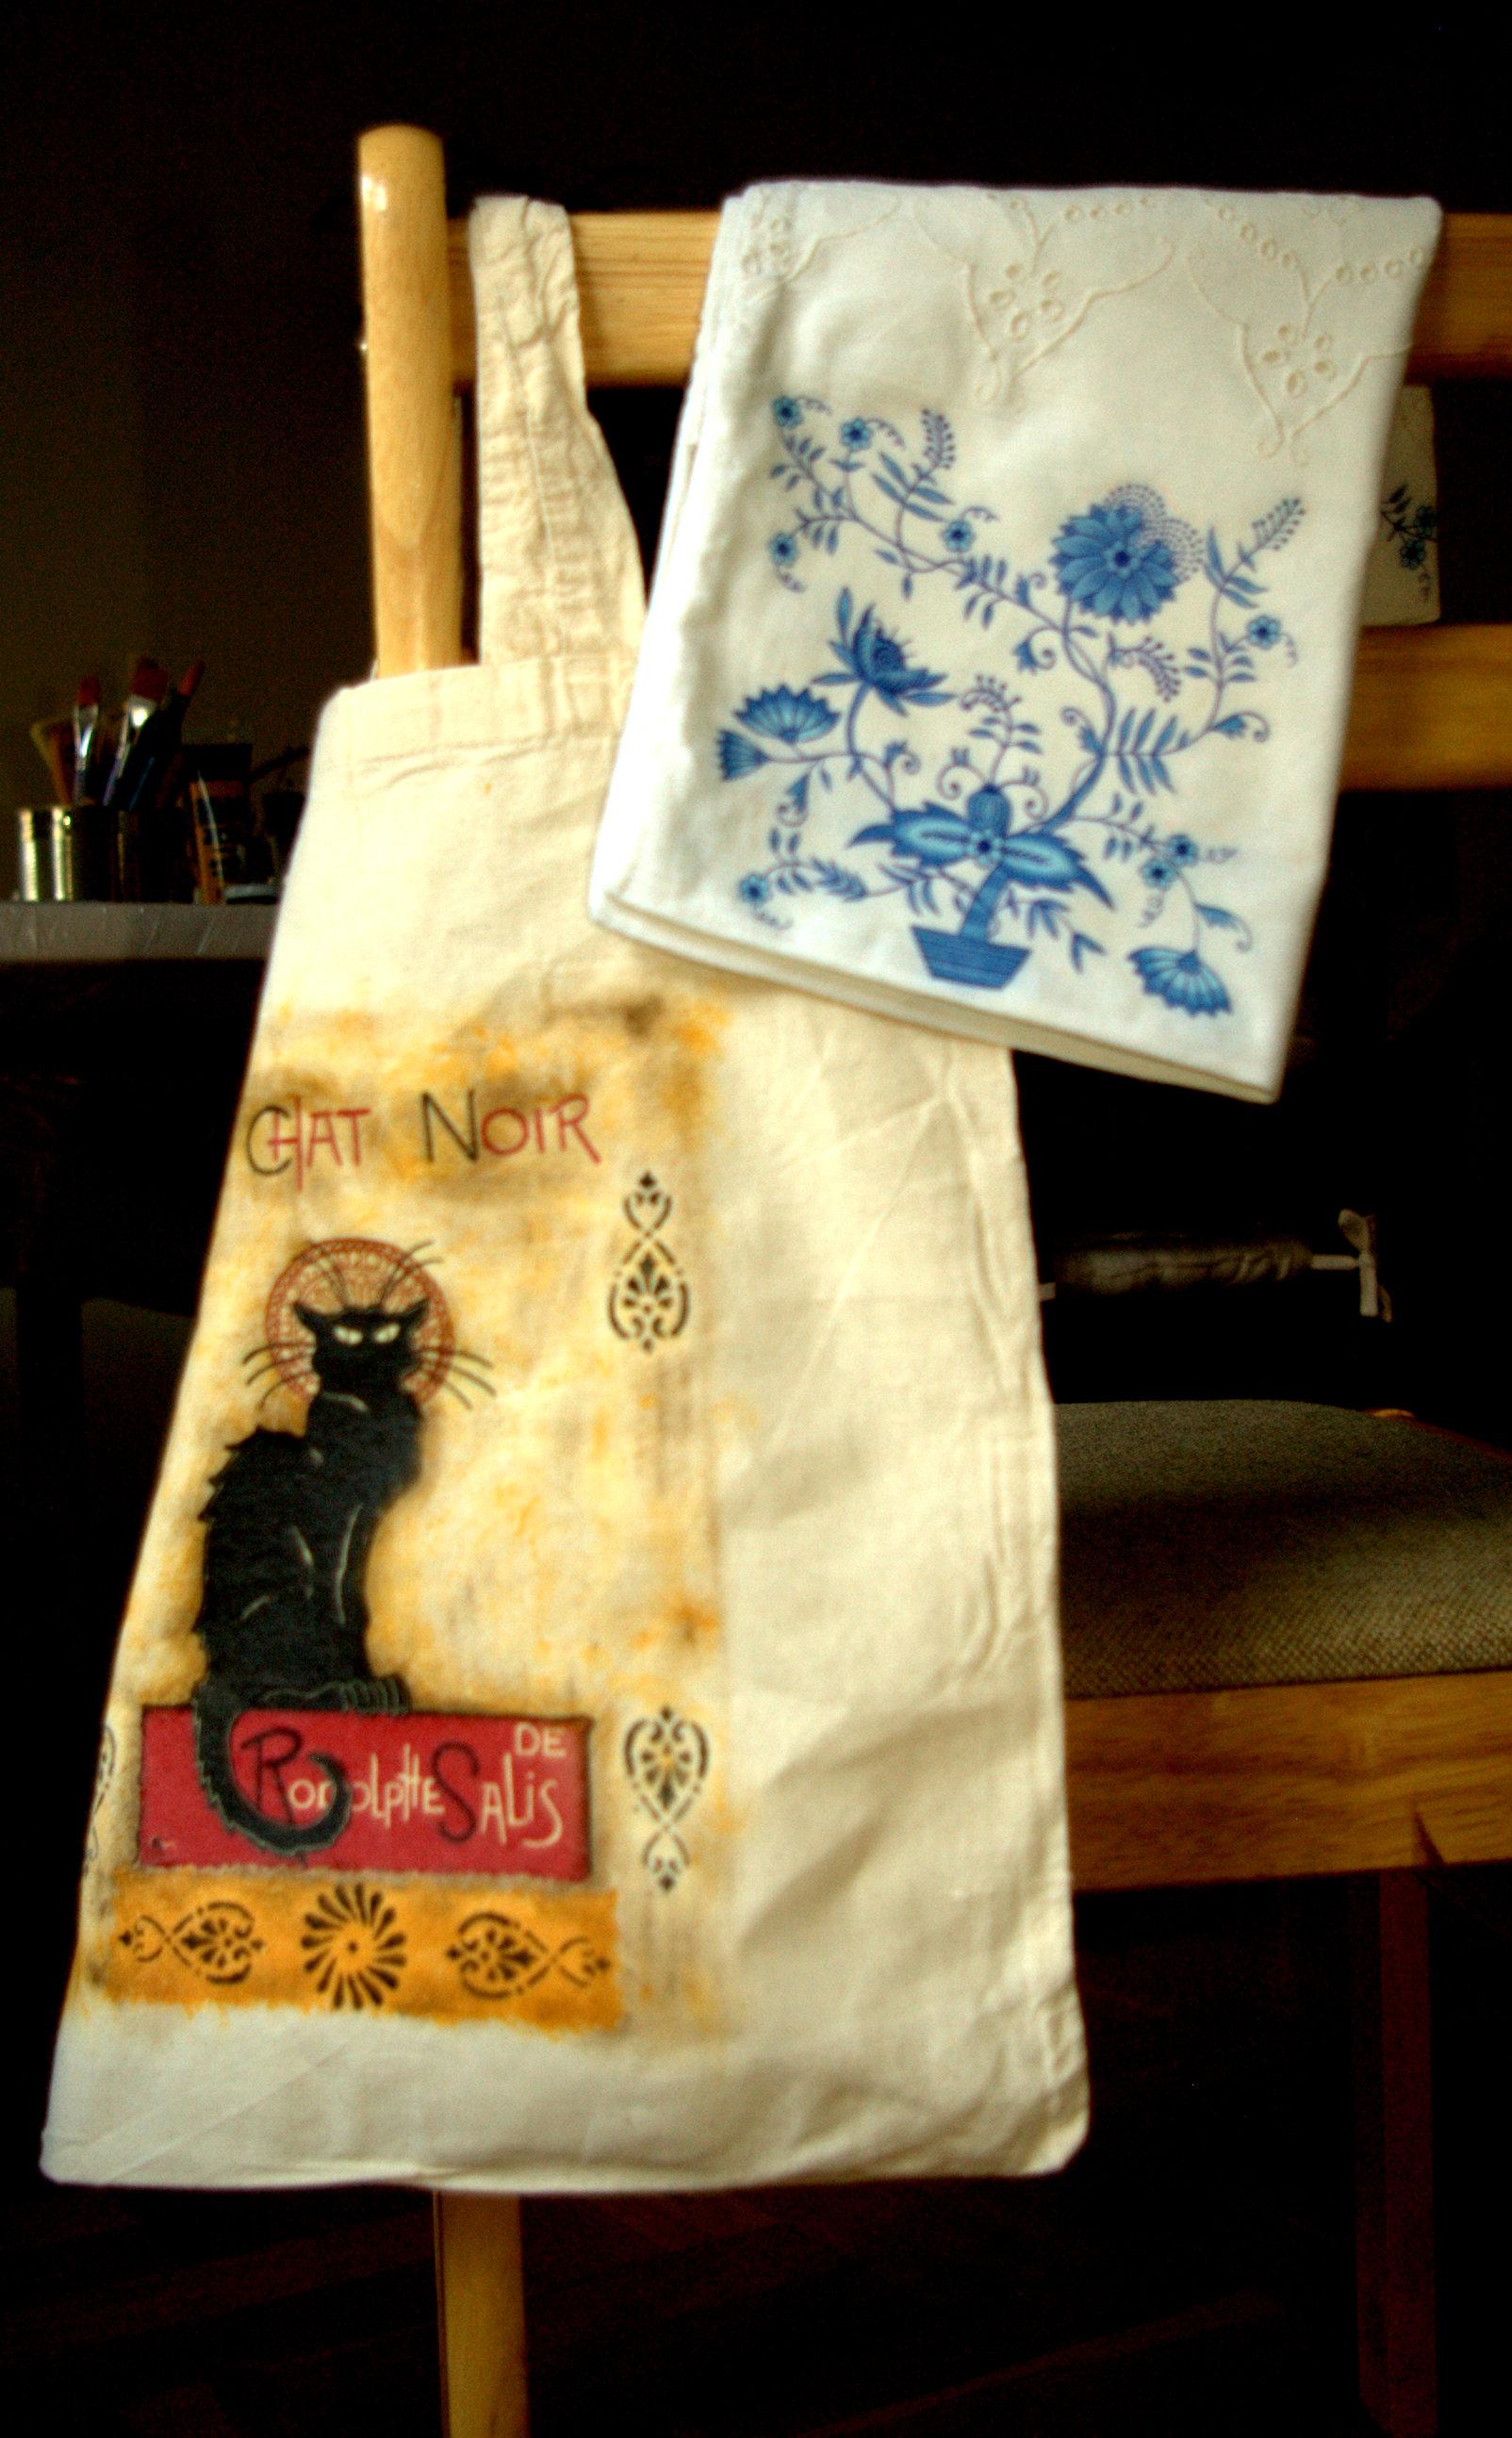 Warsztaty decoupage na tkaninie: torba, poszewka, aplikacja